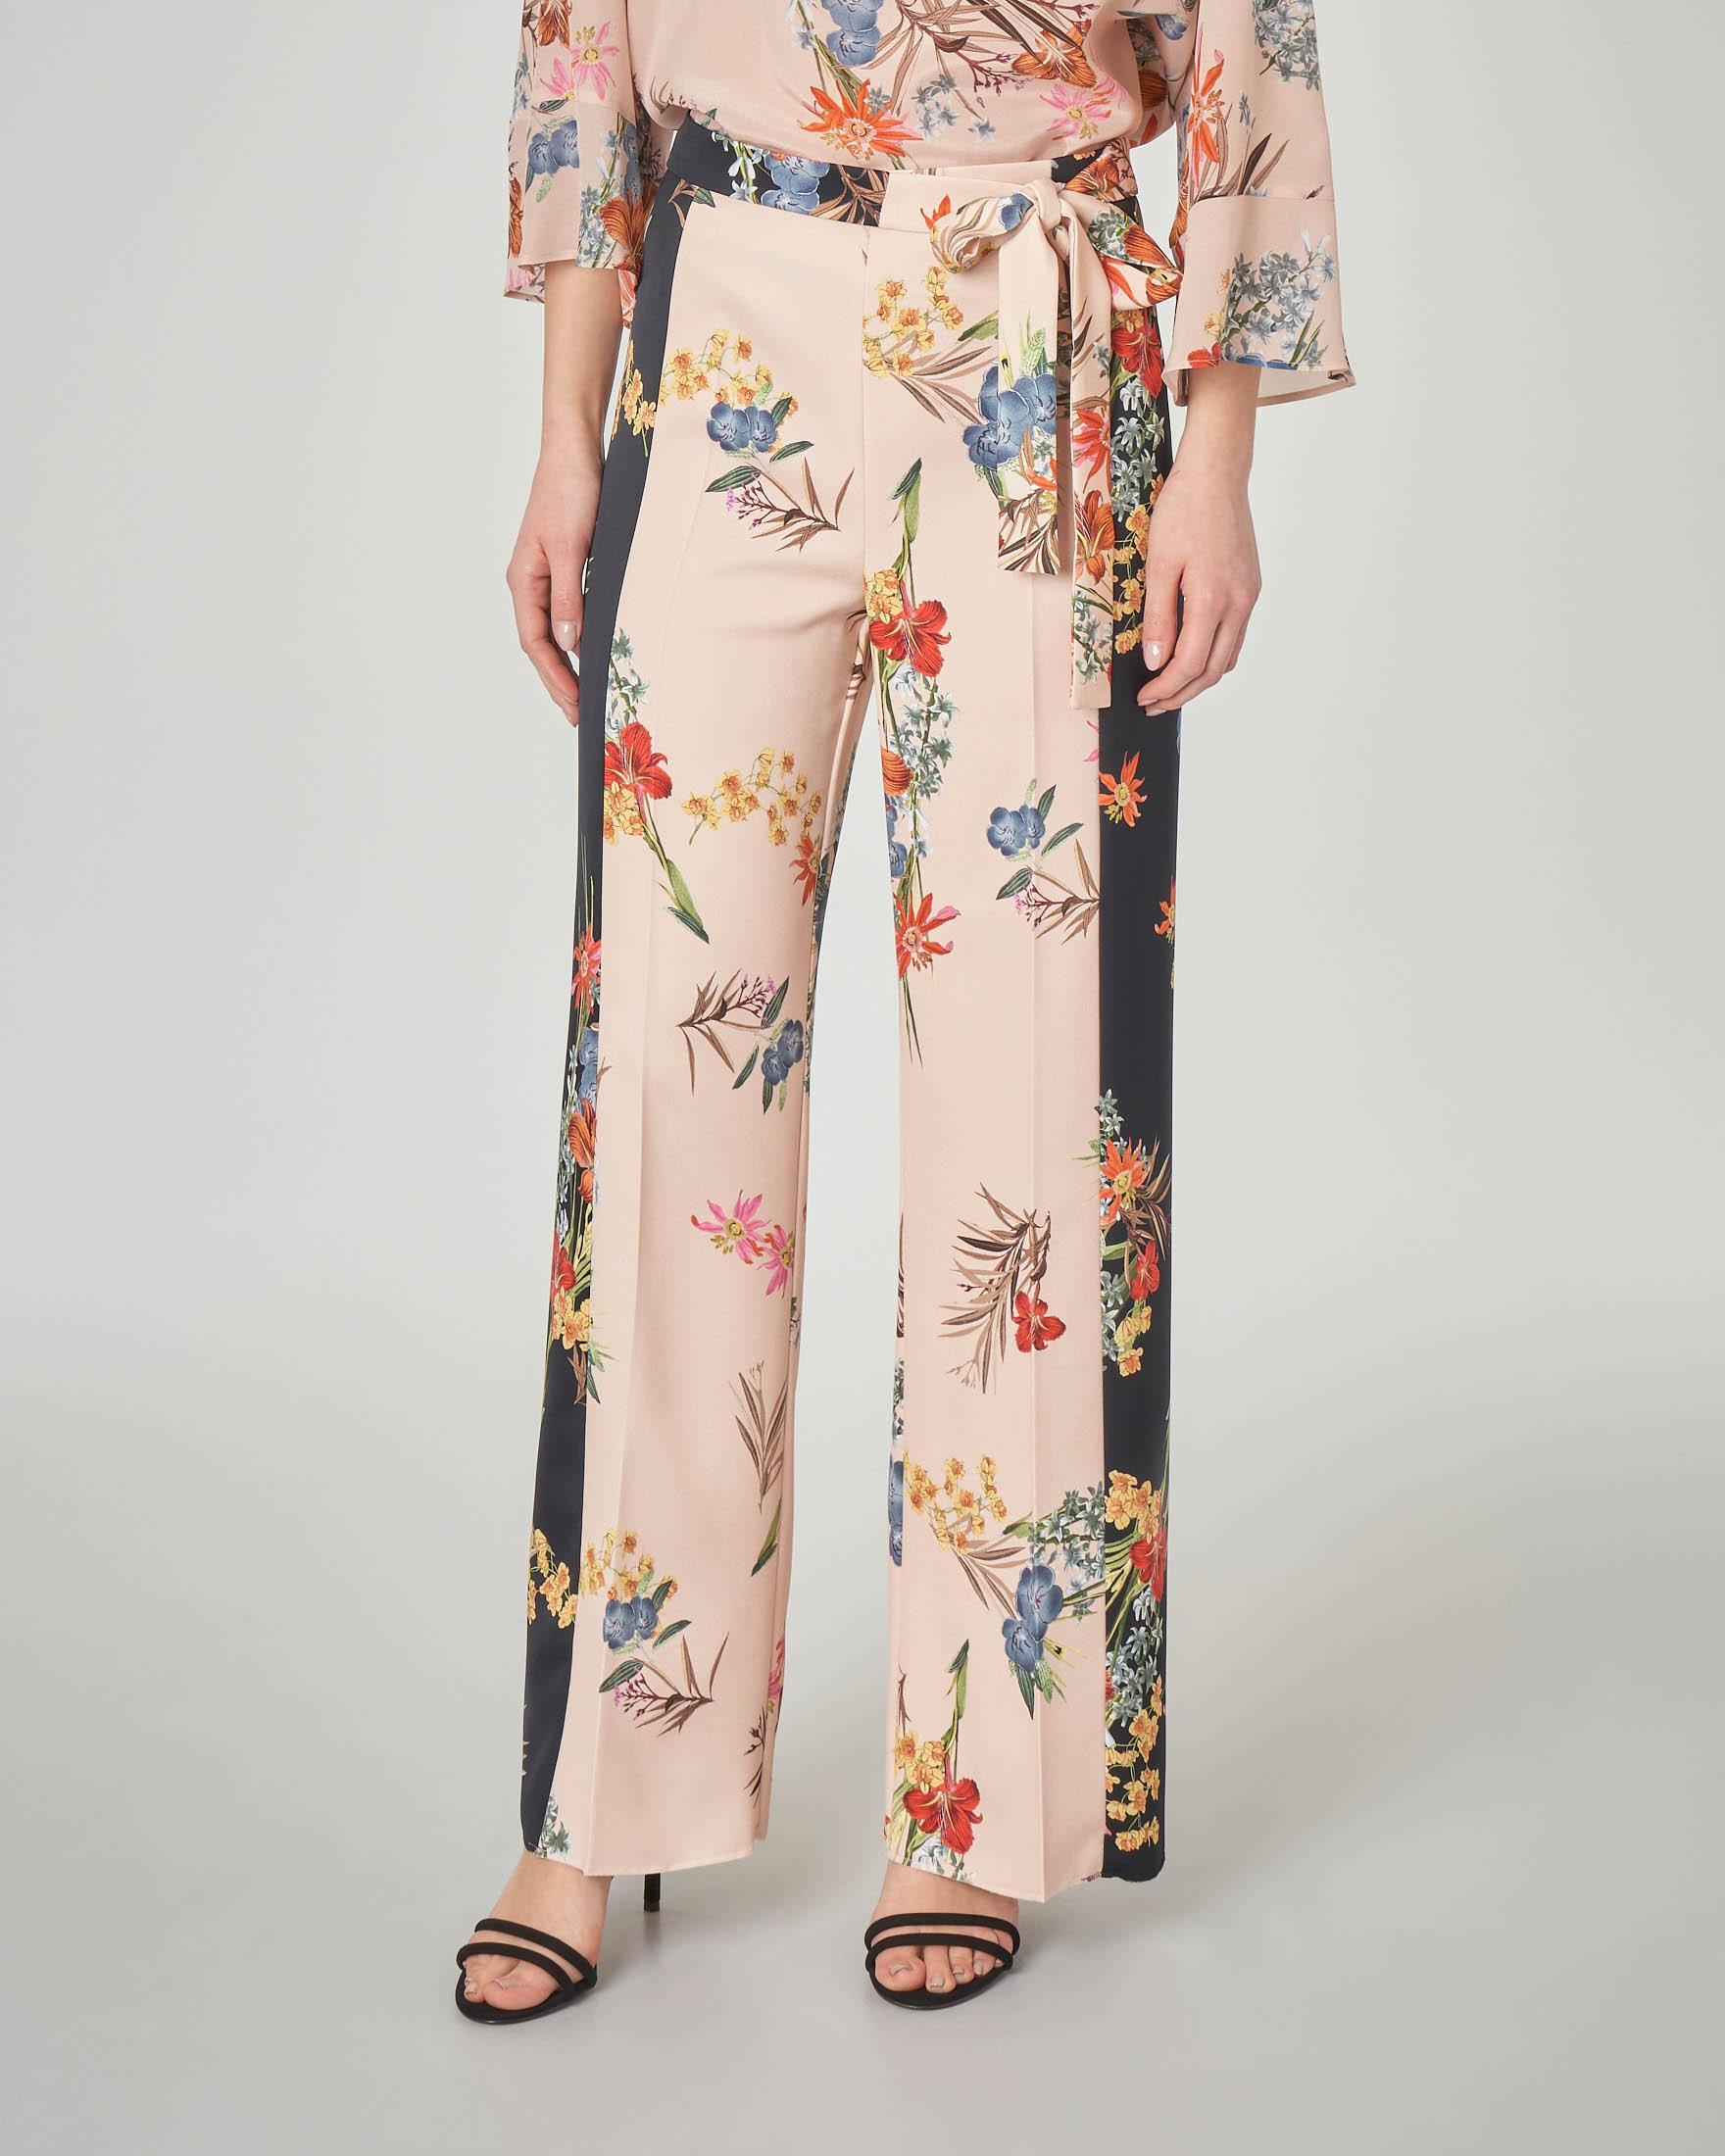 Pantalone palazzo color cipria a fantasia floreale con cintura in vita